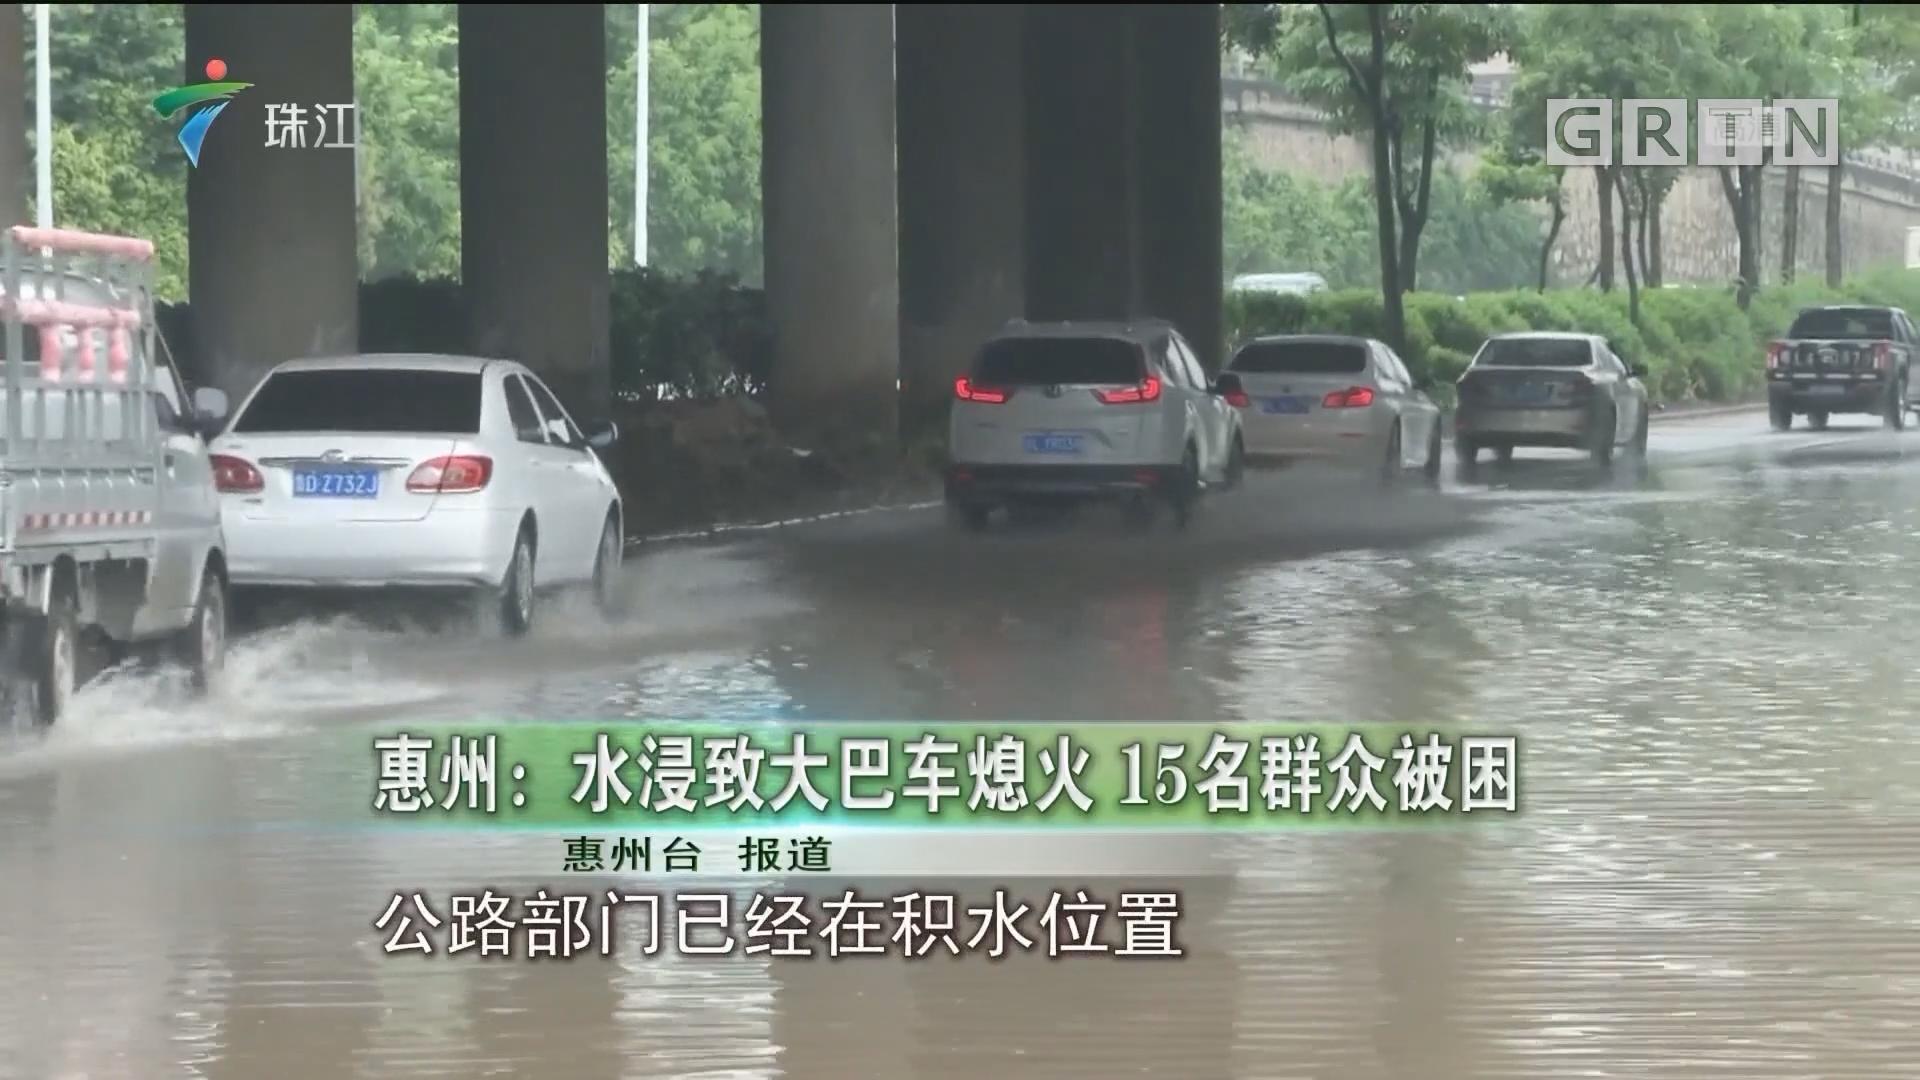 惠州:水浸致大巴车熄火 15名群众被困